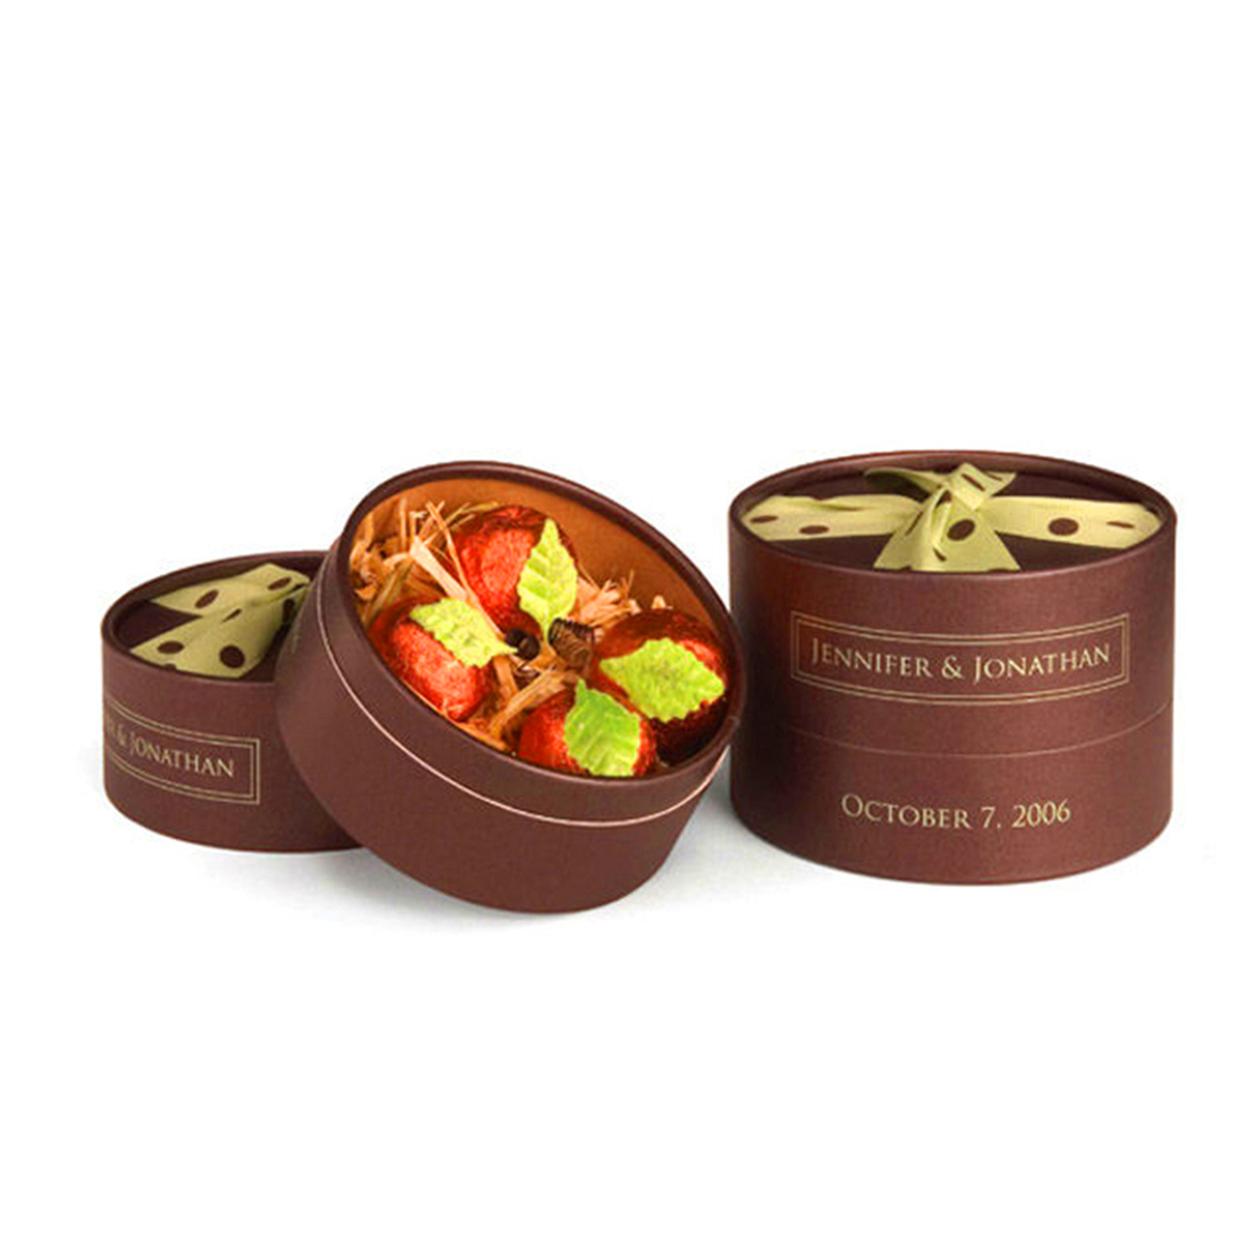 山东茶叶盒设计生产茶叶盒定制工厂-济南尚邦佳品包装制品有限公司